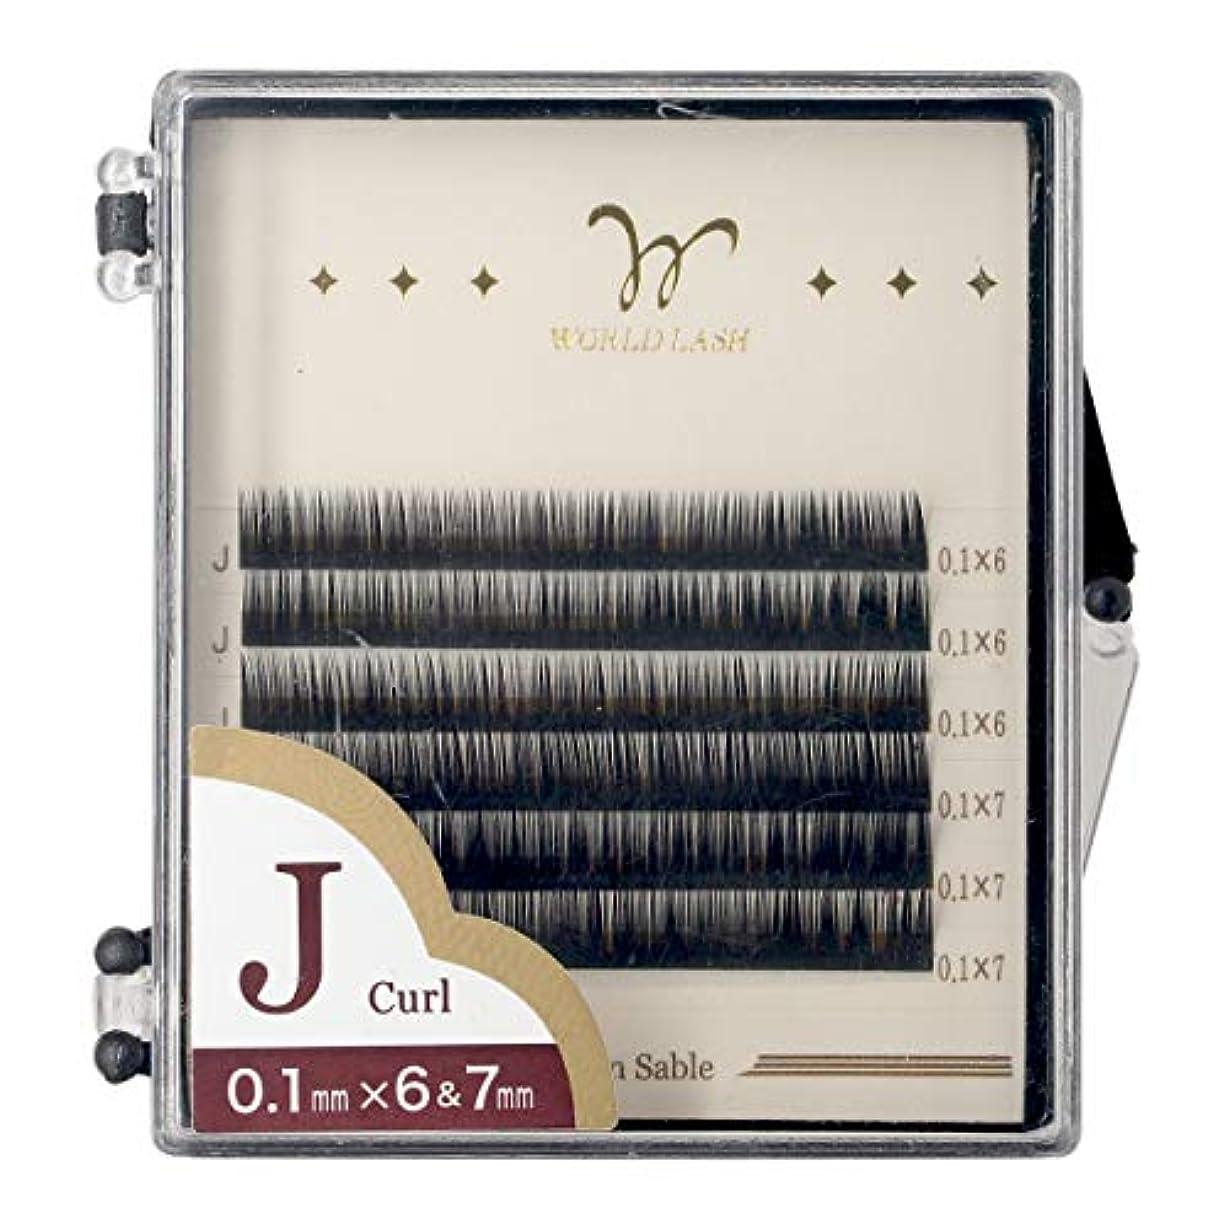 どういたしまして影響魂【全4種】 WORLD LASH プレミアムセーブル (下まつげ用) (C?Jカール) Jカール 太さ0.1mm 長さ6mm?7mmMIX 約1,500本 [ シートラッシュ アイラッシュ エクステンション アイラッシュ...